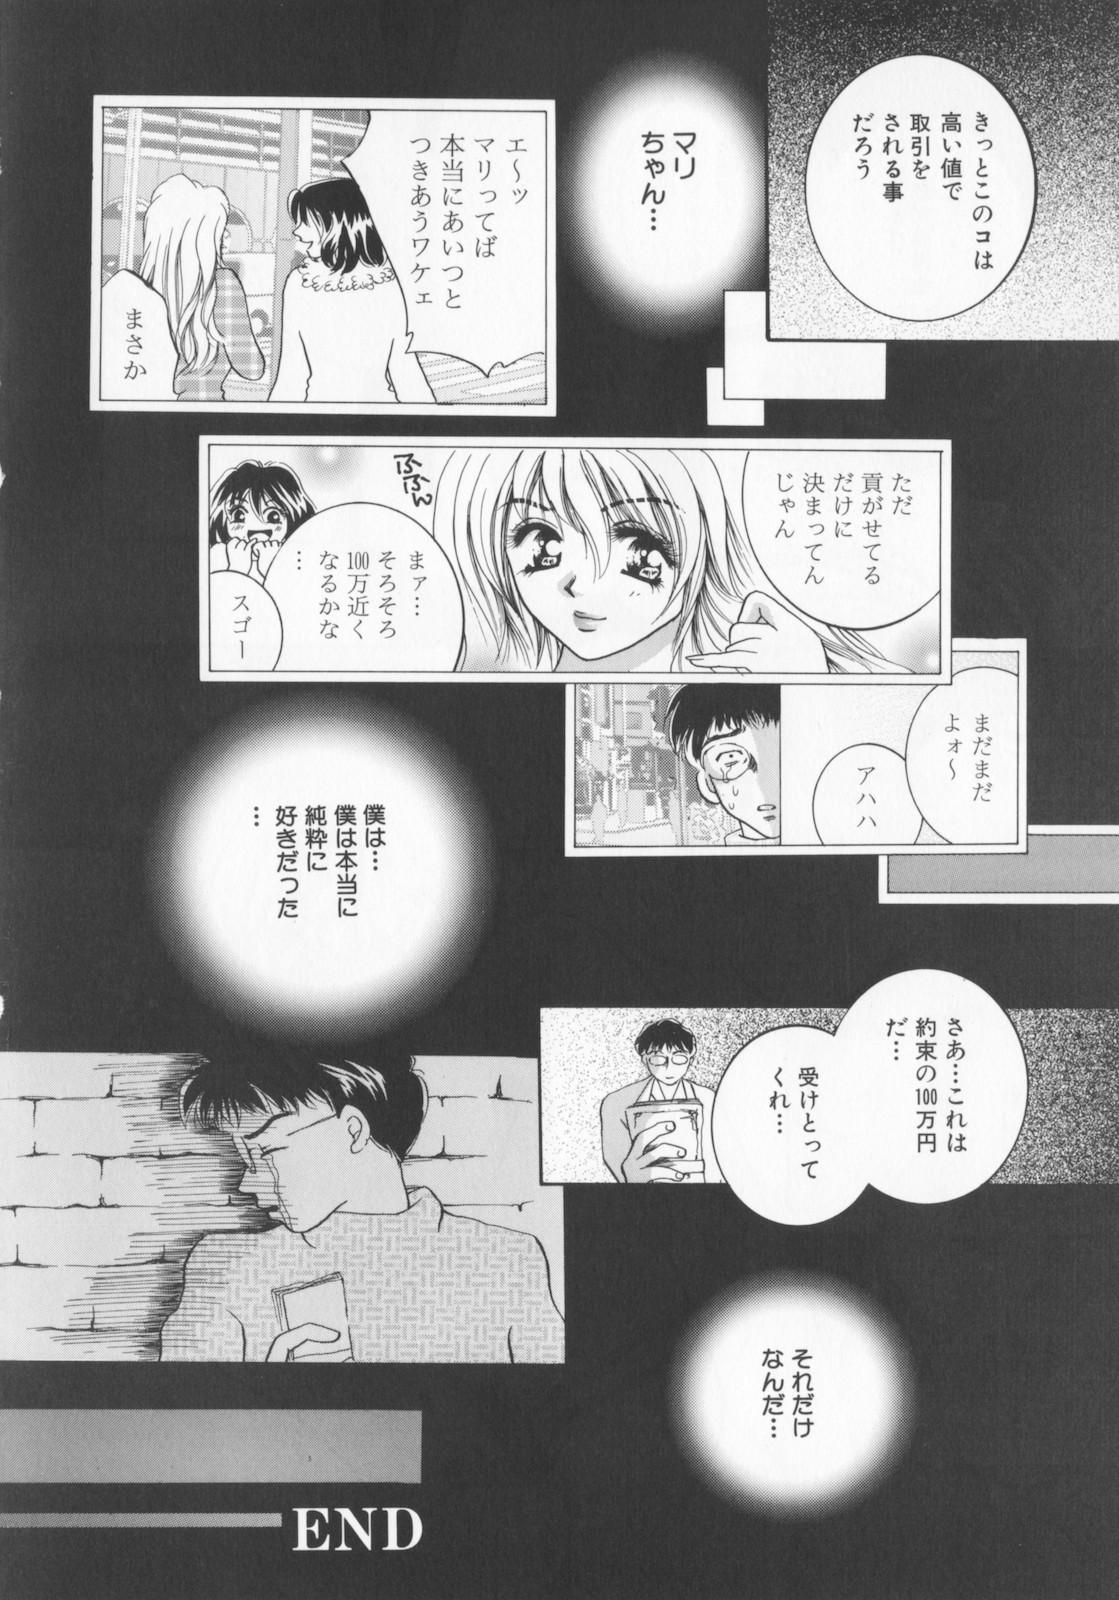 Kichiku dorei 147